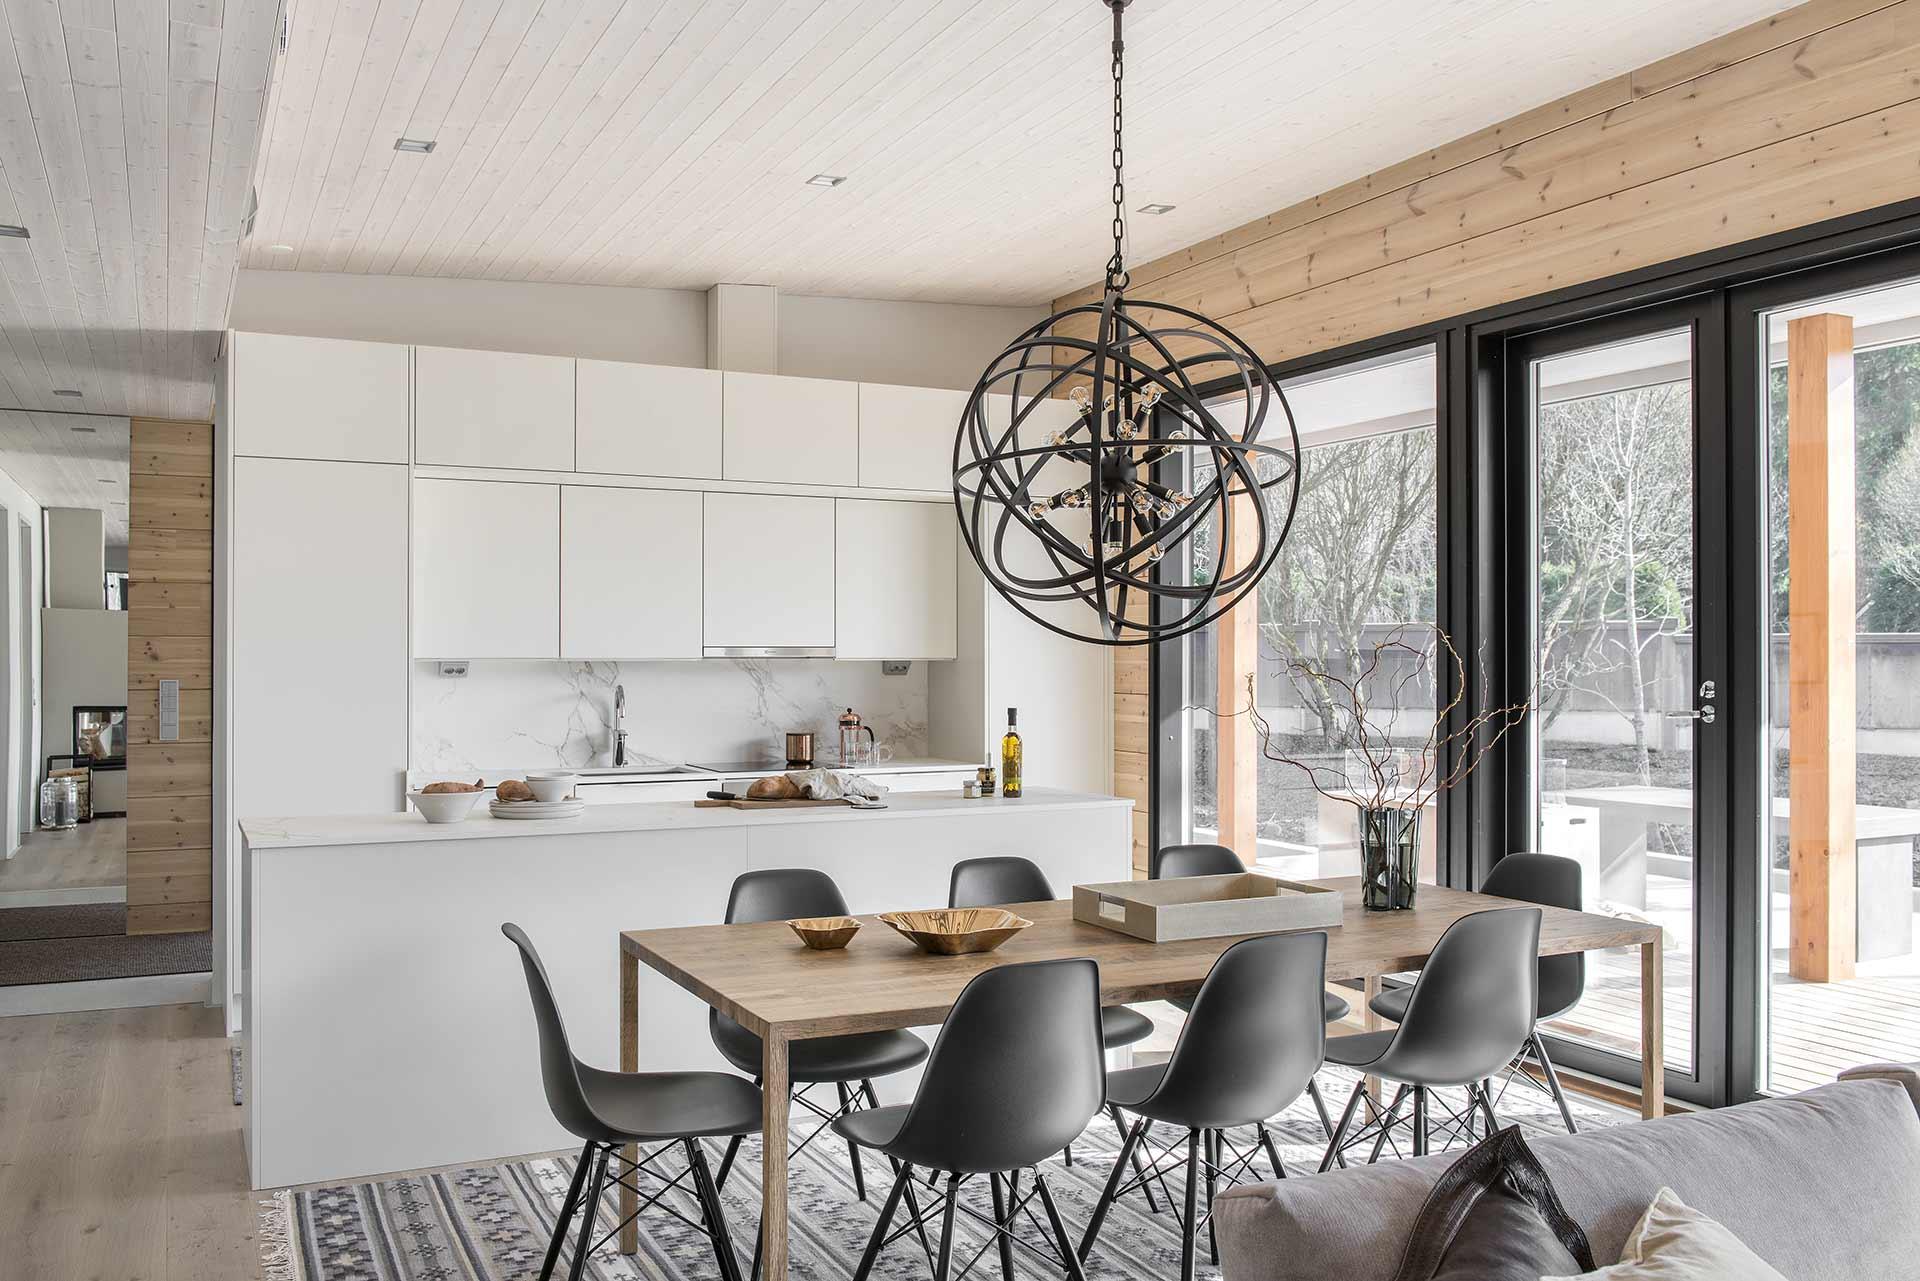 Финская кухня с высокими окнами